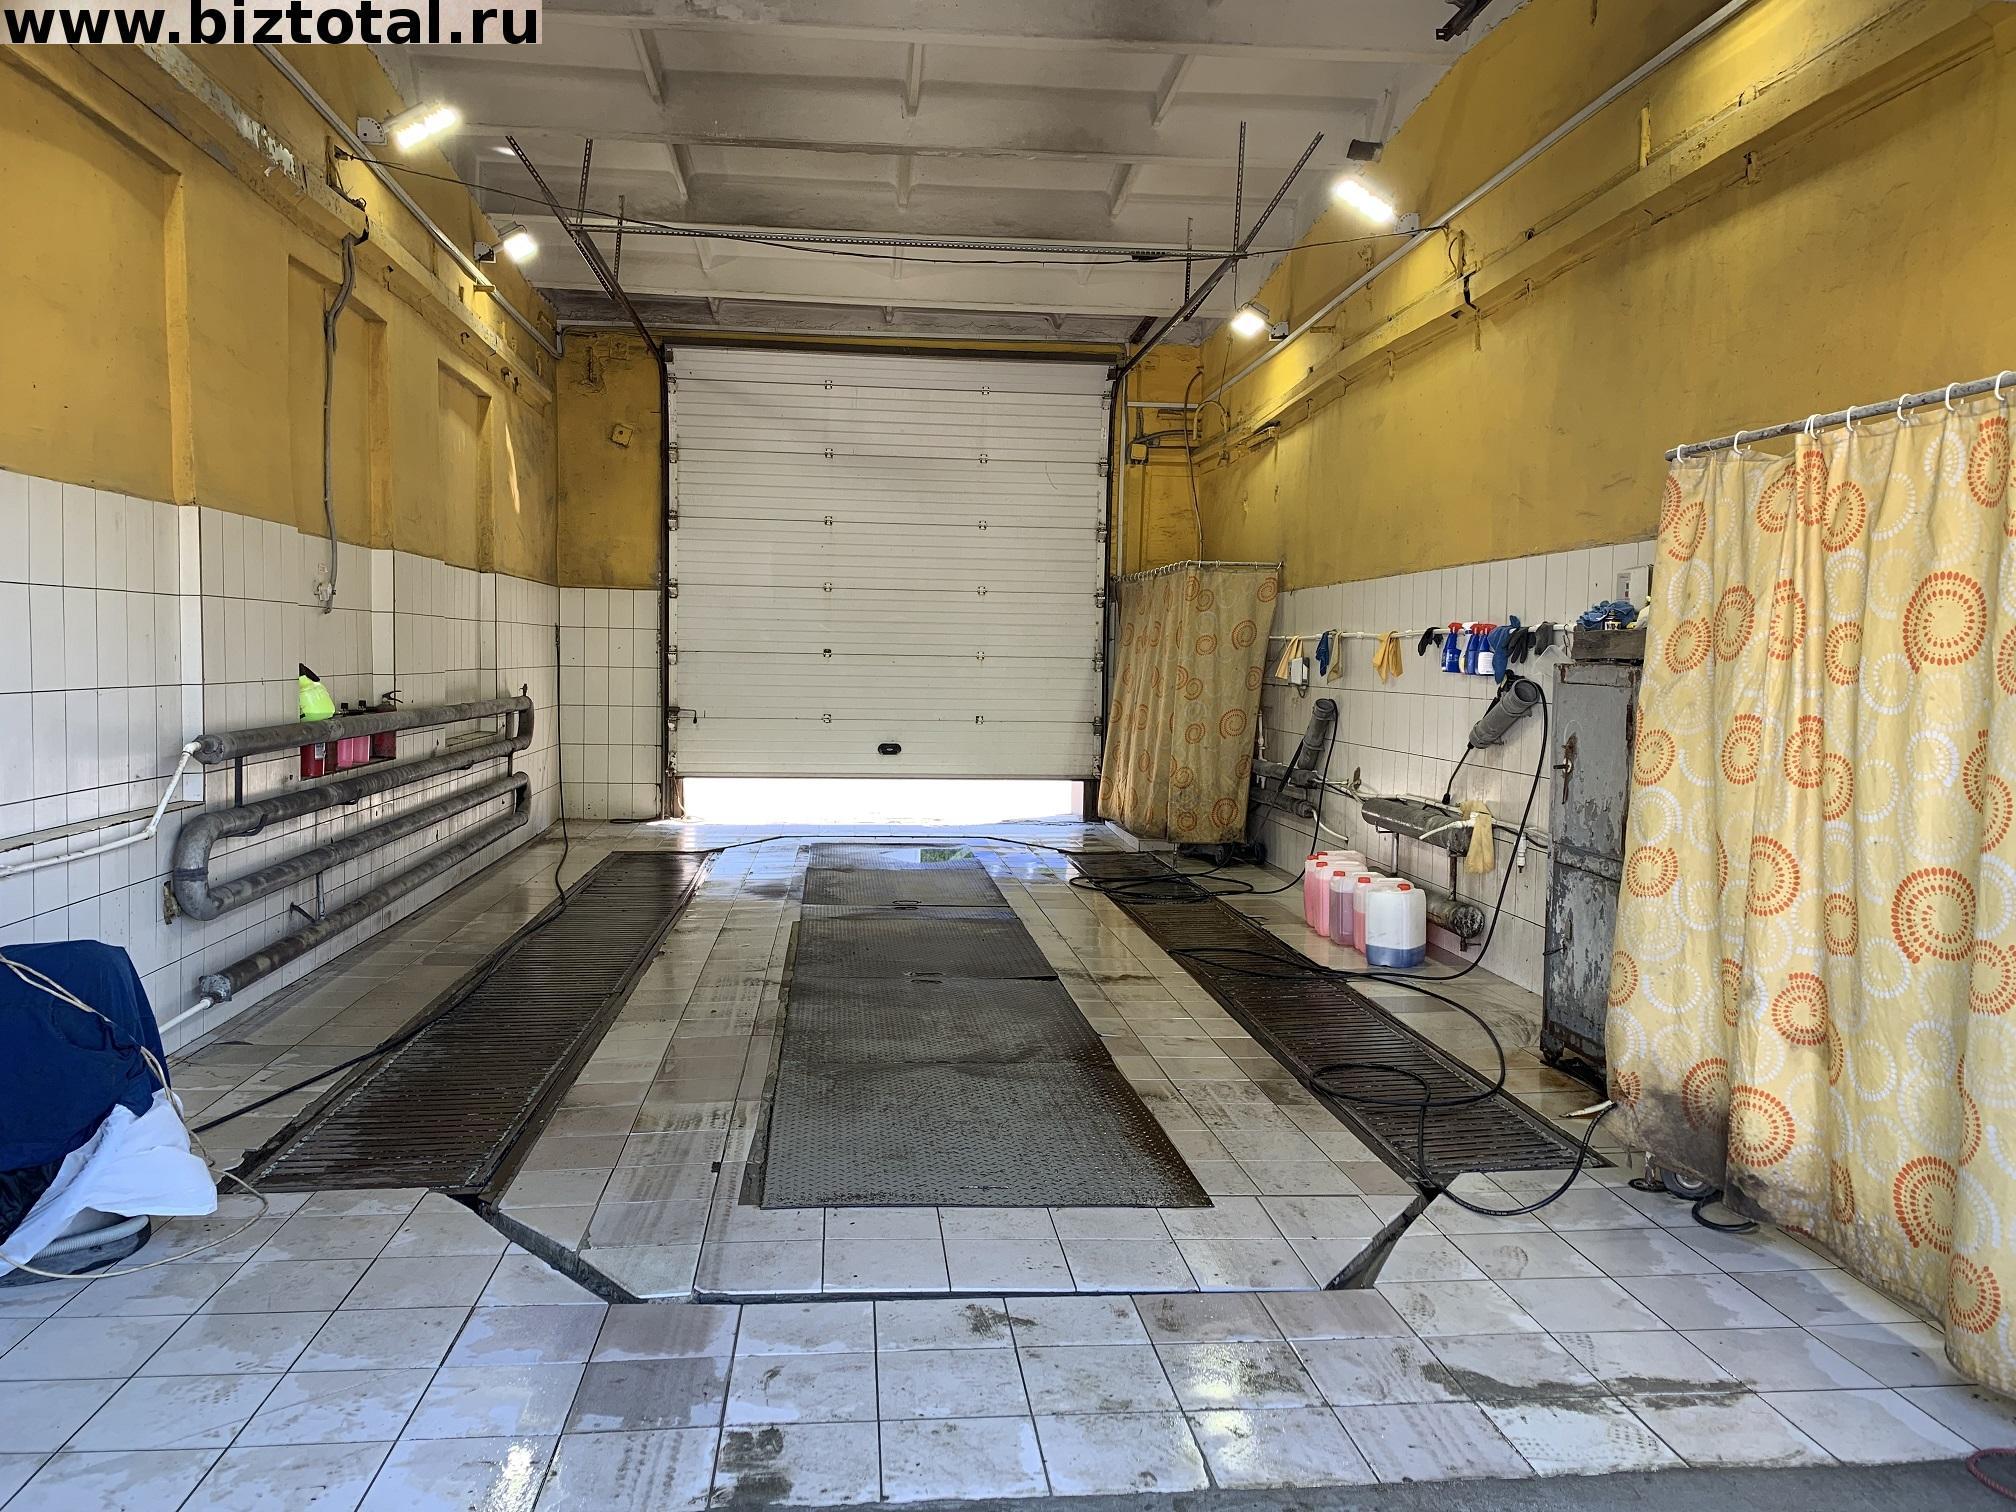 Продается в собственность действующий готовый бизнес автомойка для легковых и грузовых автомобилей